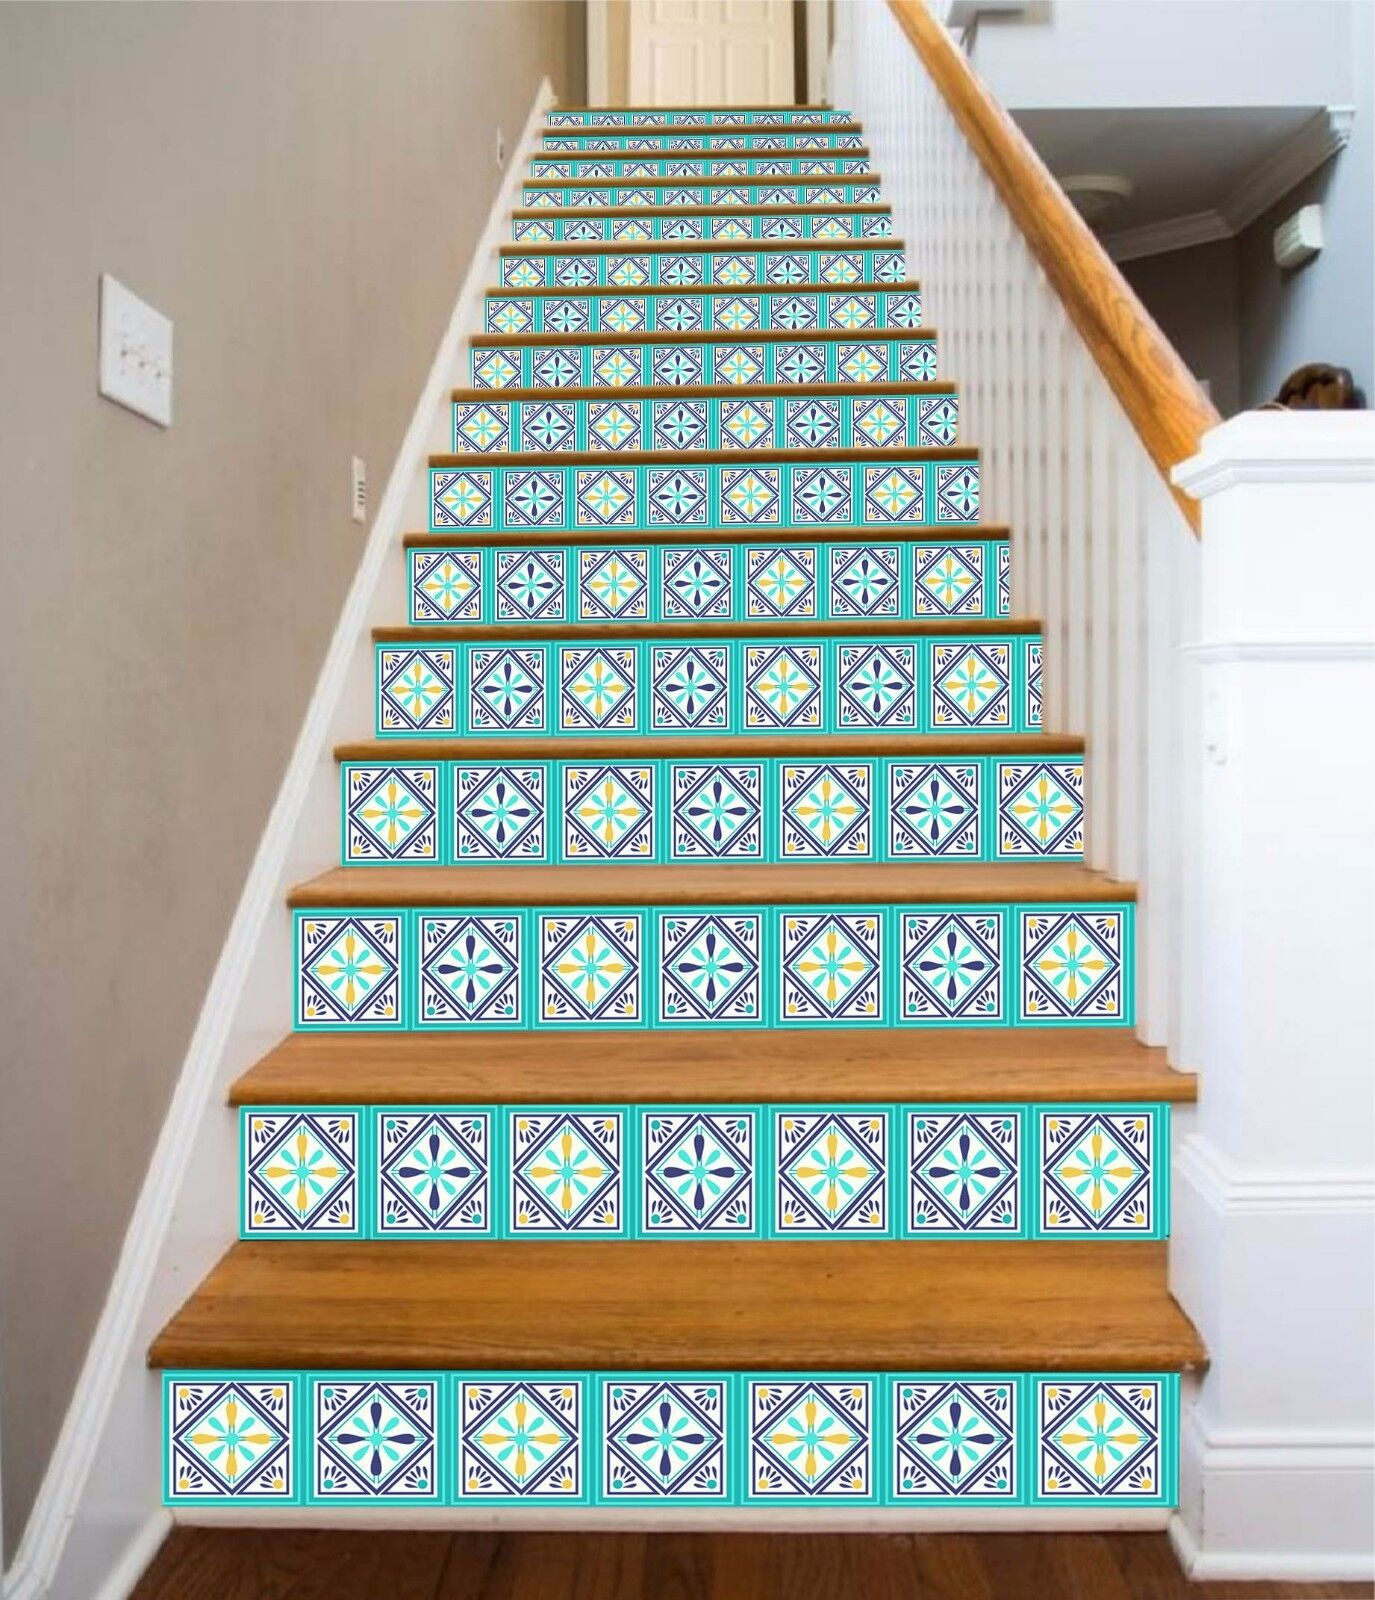 3D Gitter 433 Stair Risers Dekoration Fototapete Vinyl Aufkleber Tapete DE Lemon